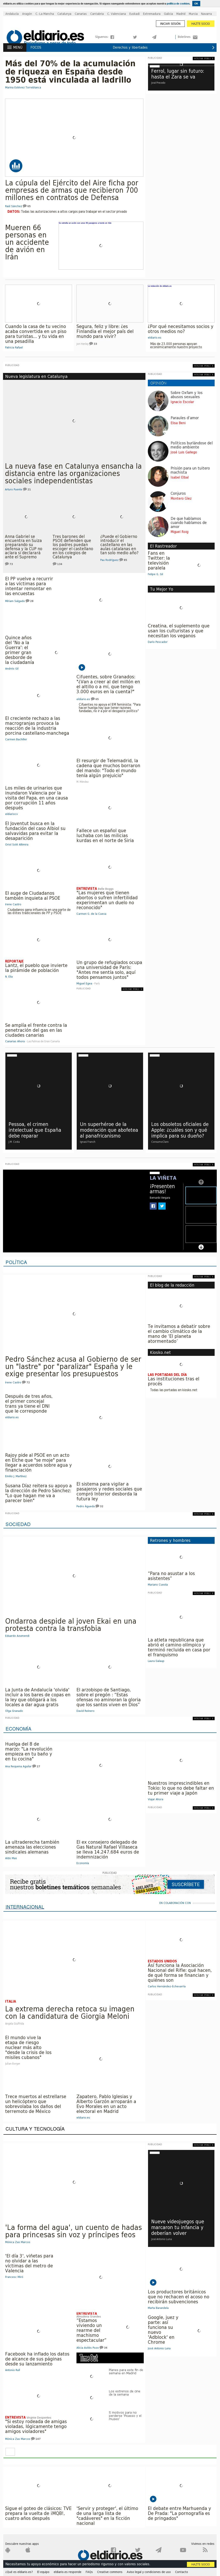 El Diario at Monday March 12, 2018, 12:05 a.m. UTC